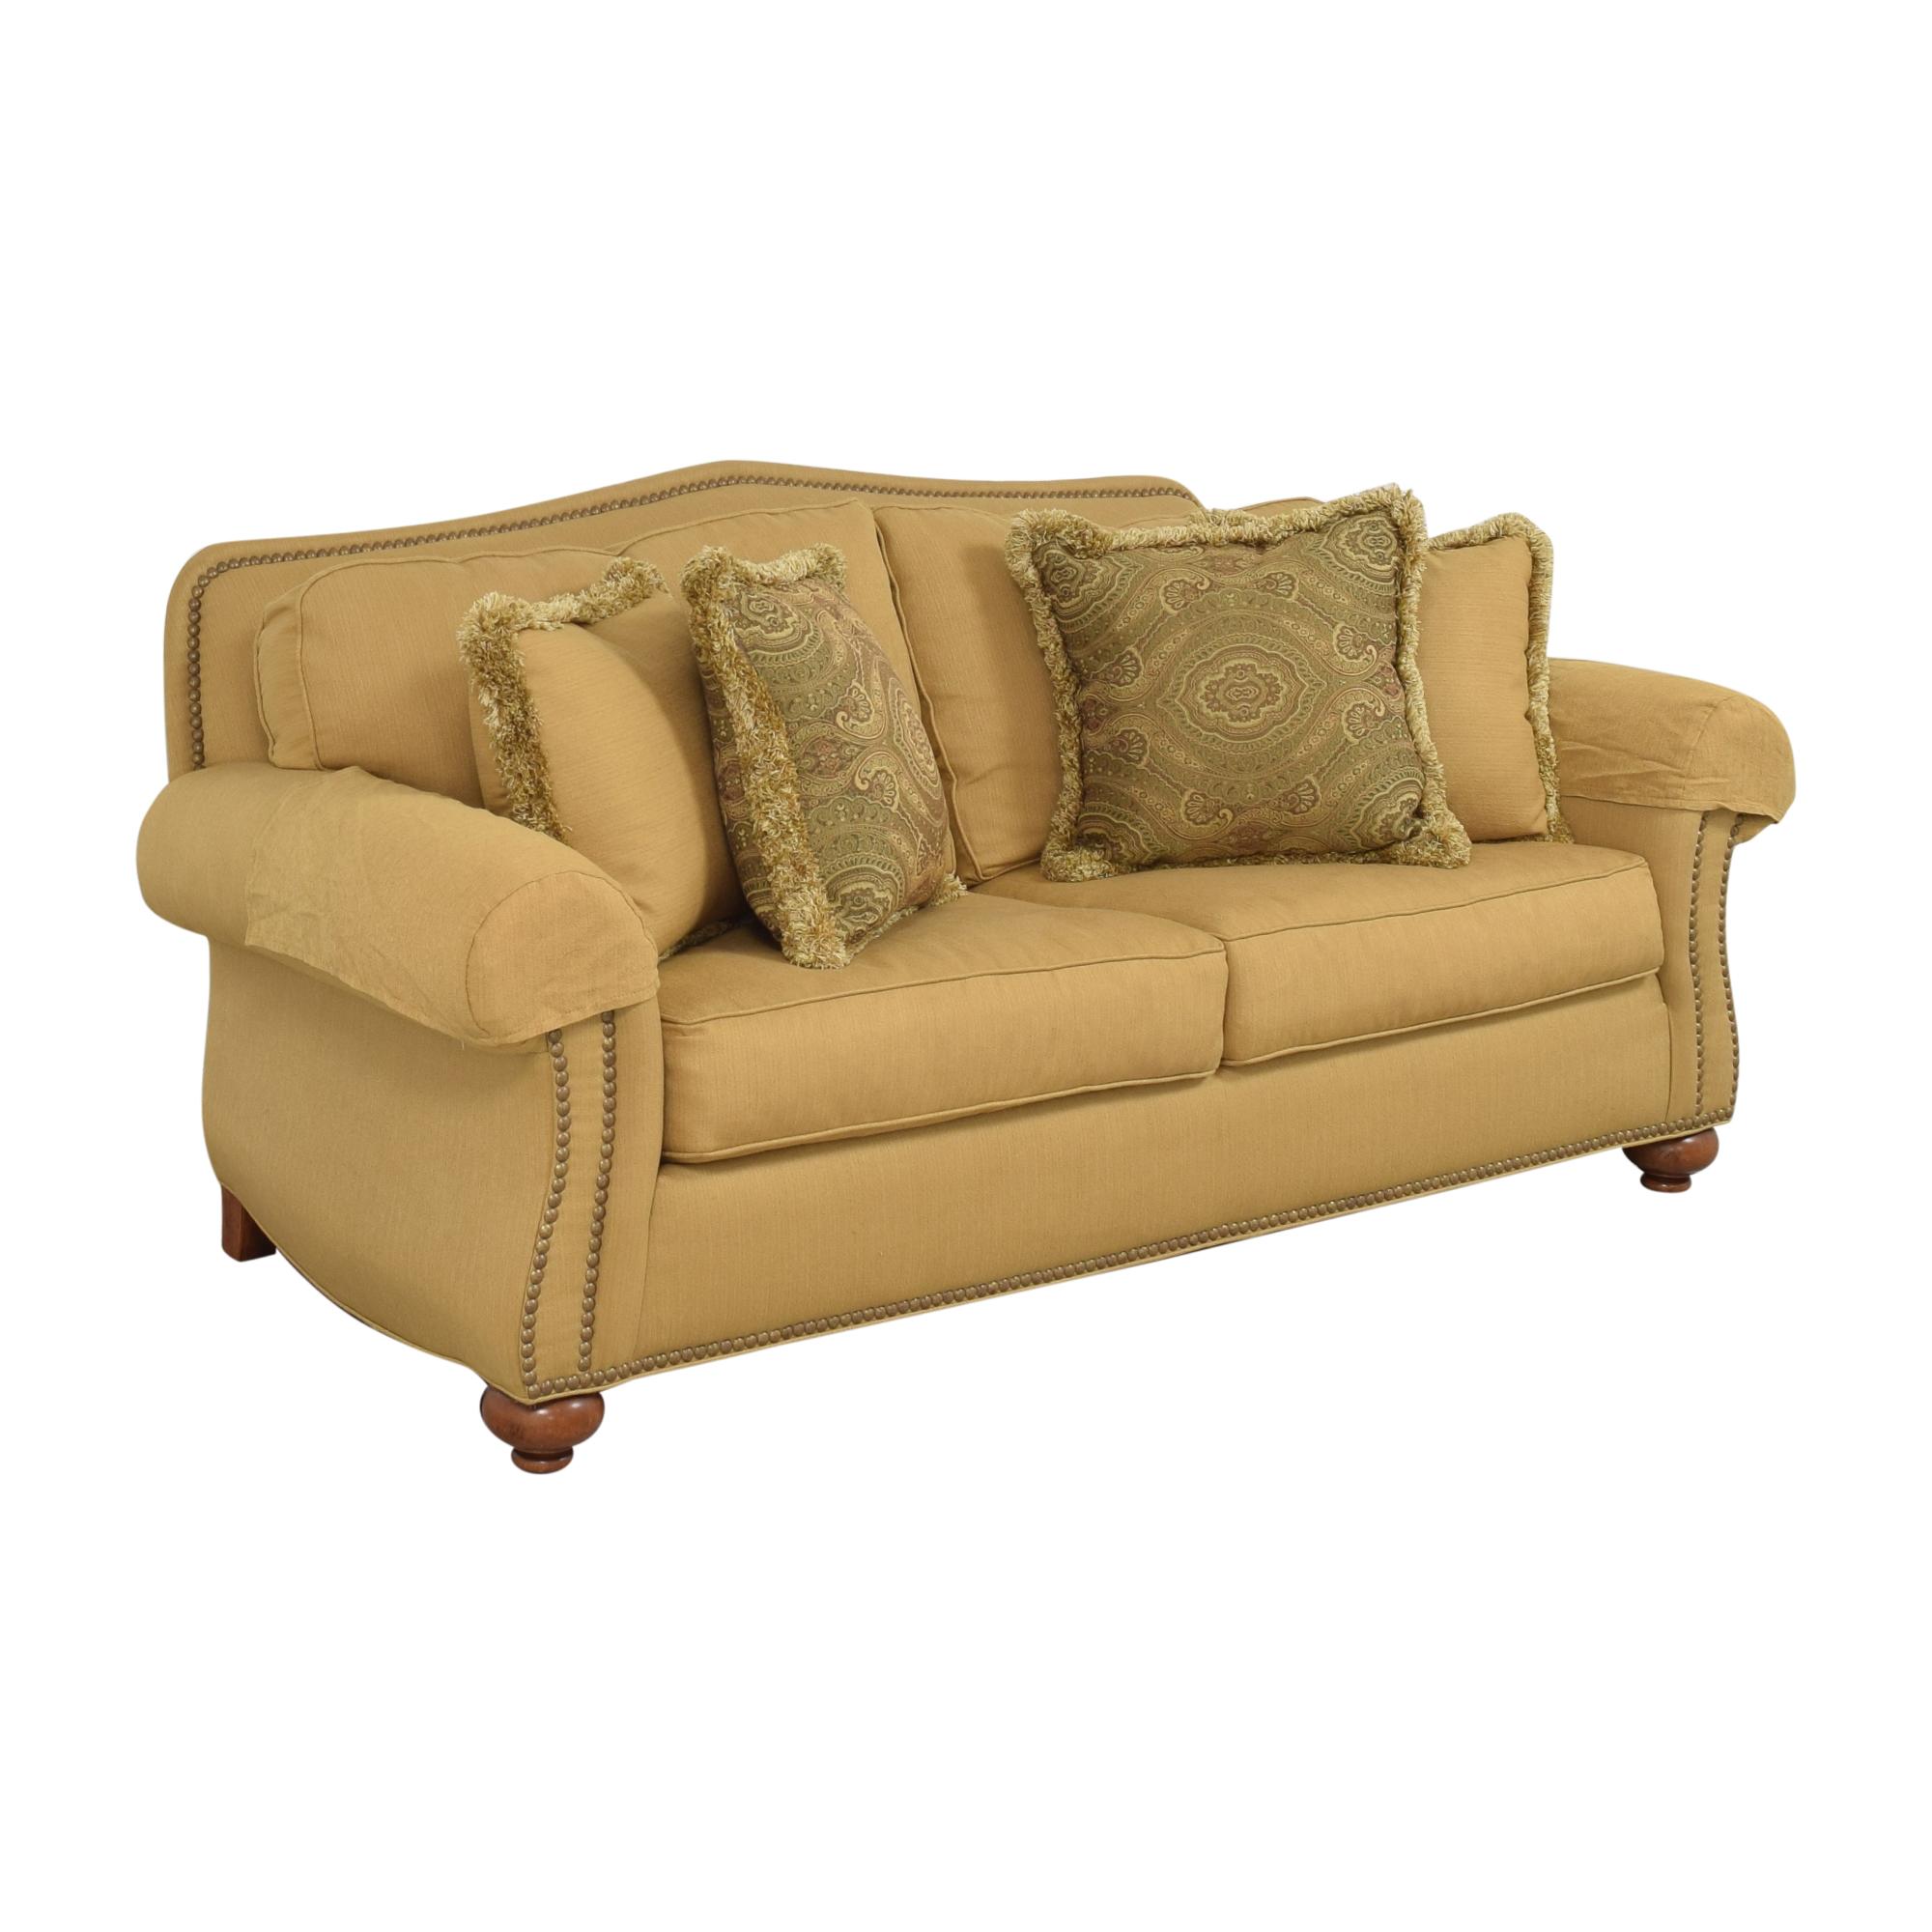 Ethan Allen Ethan Allen Nailhead Two Cushion Sofa dimensions